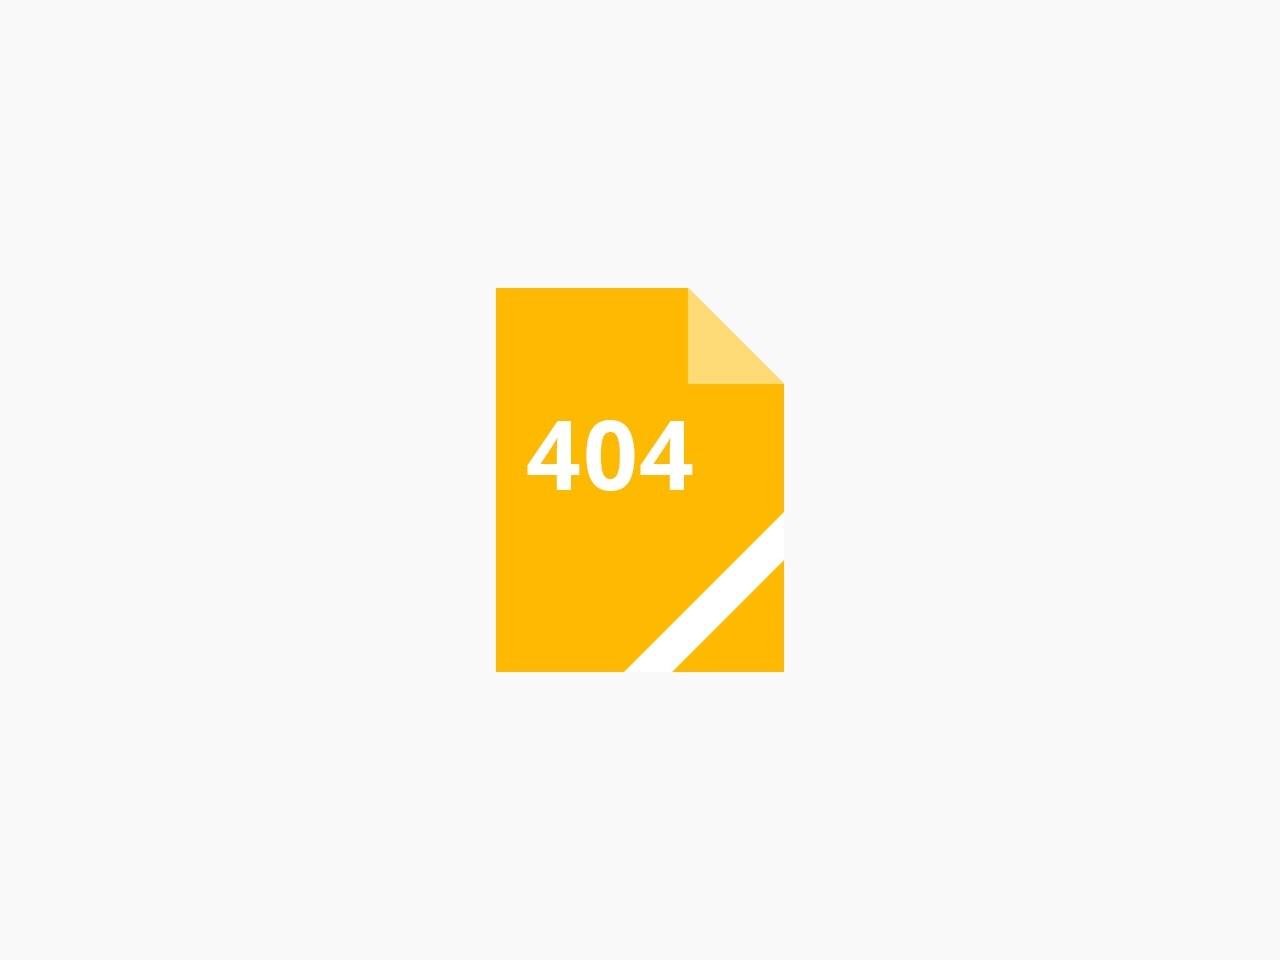 单机游戏大全_单机游戏下载_好玩的单机游戏推荐_游戏堡